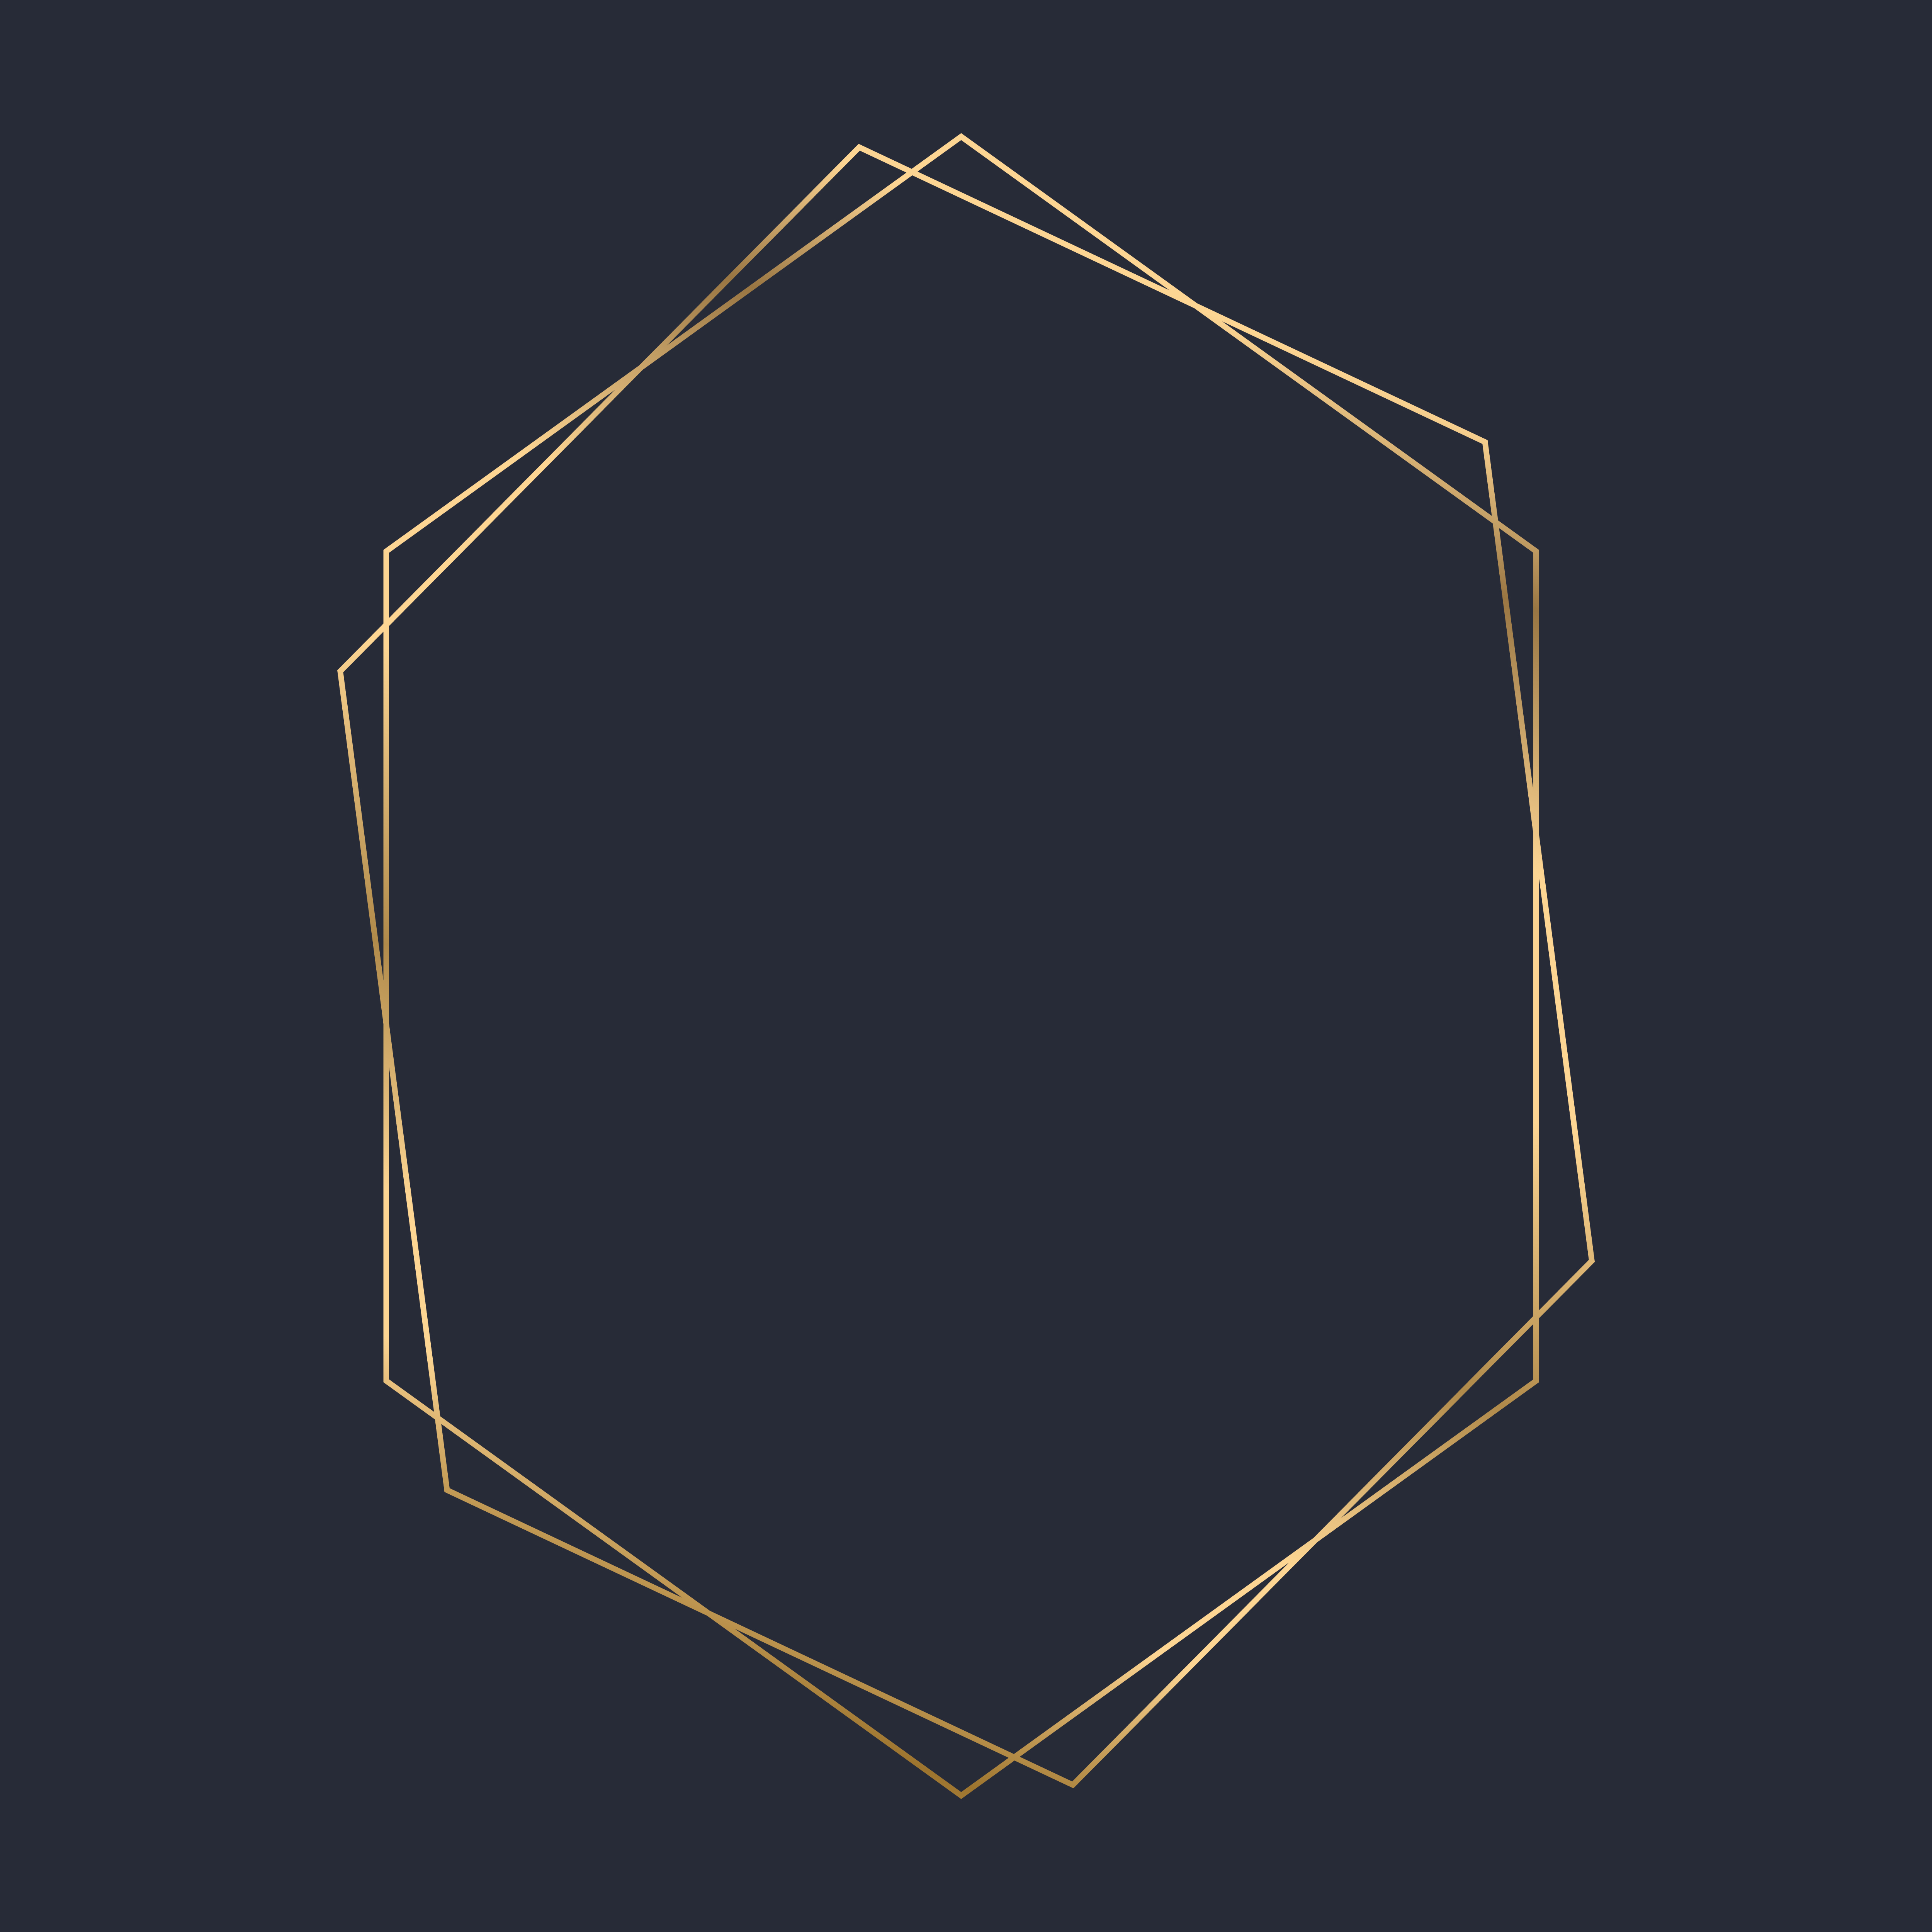 Golden Hexagon Frame Template Vector